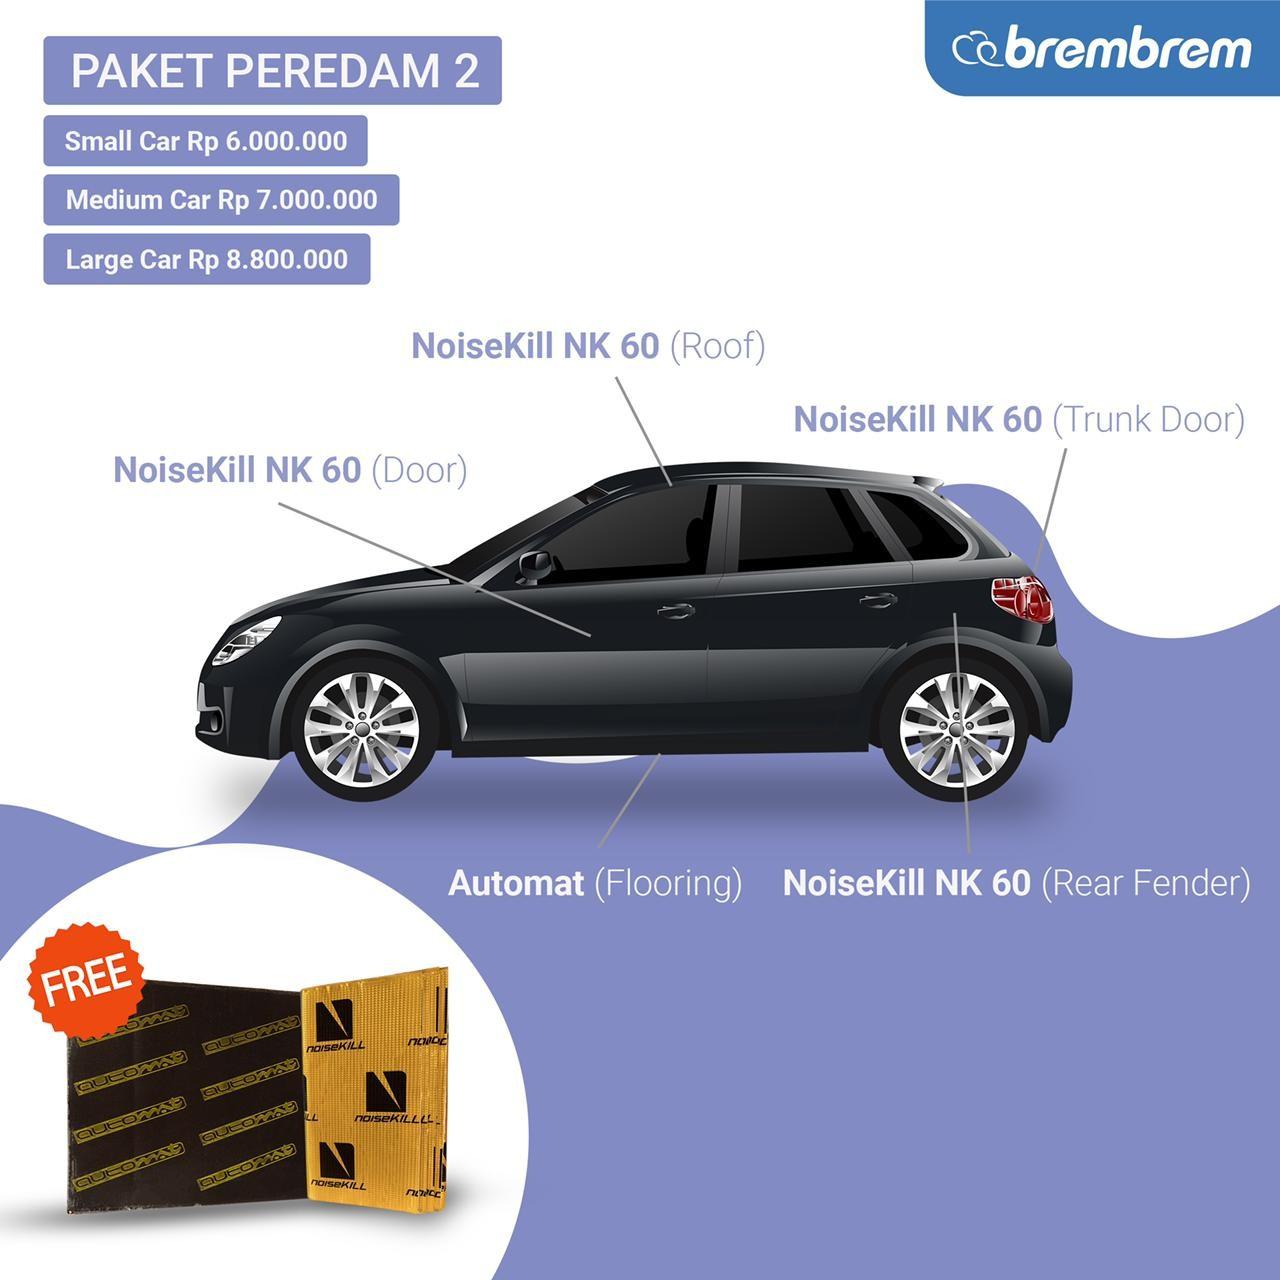 PAKET PEREDAM 2 - PROMO MENANG BANYAK - LARGE CAR